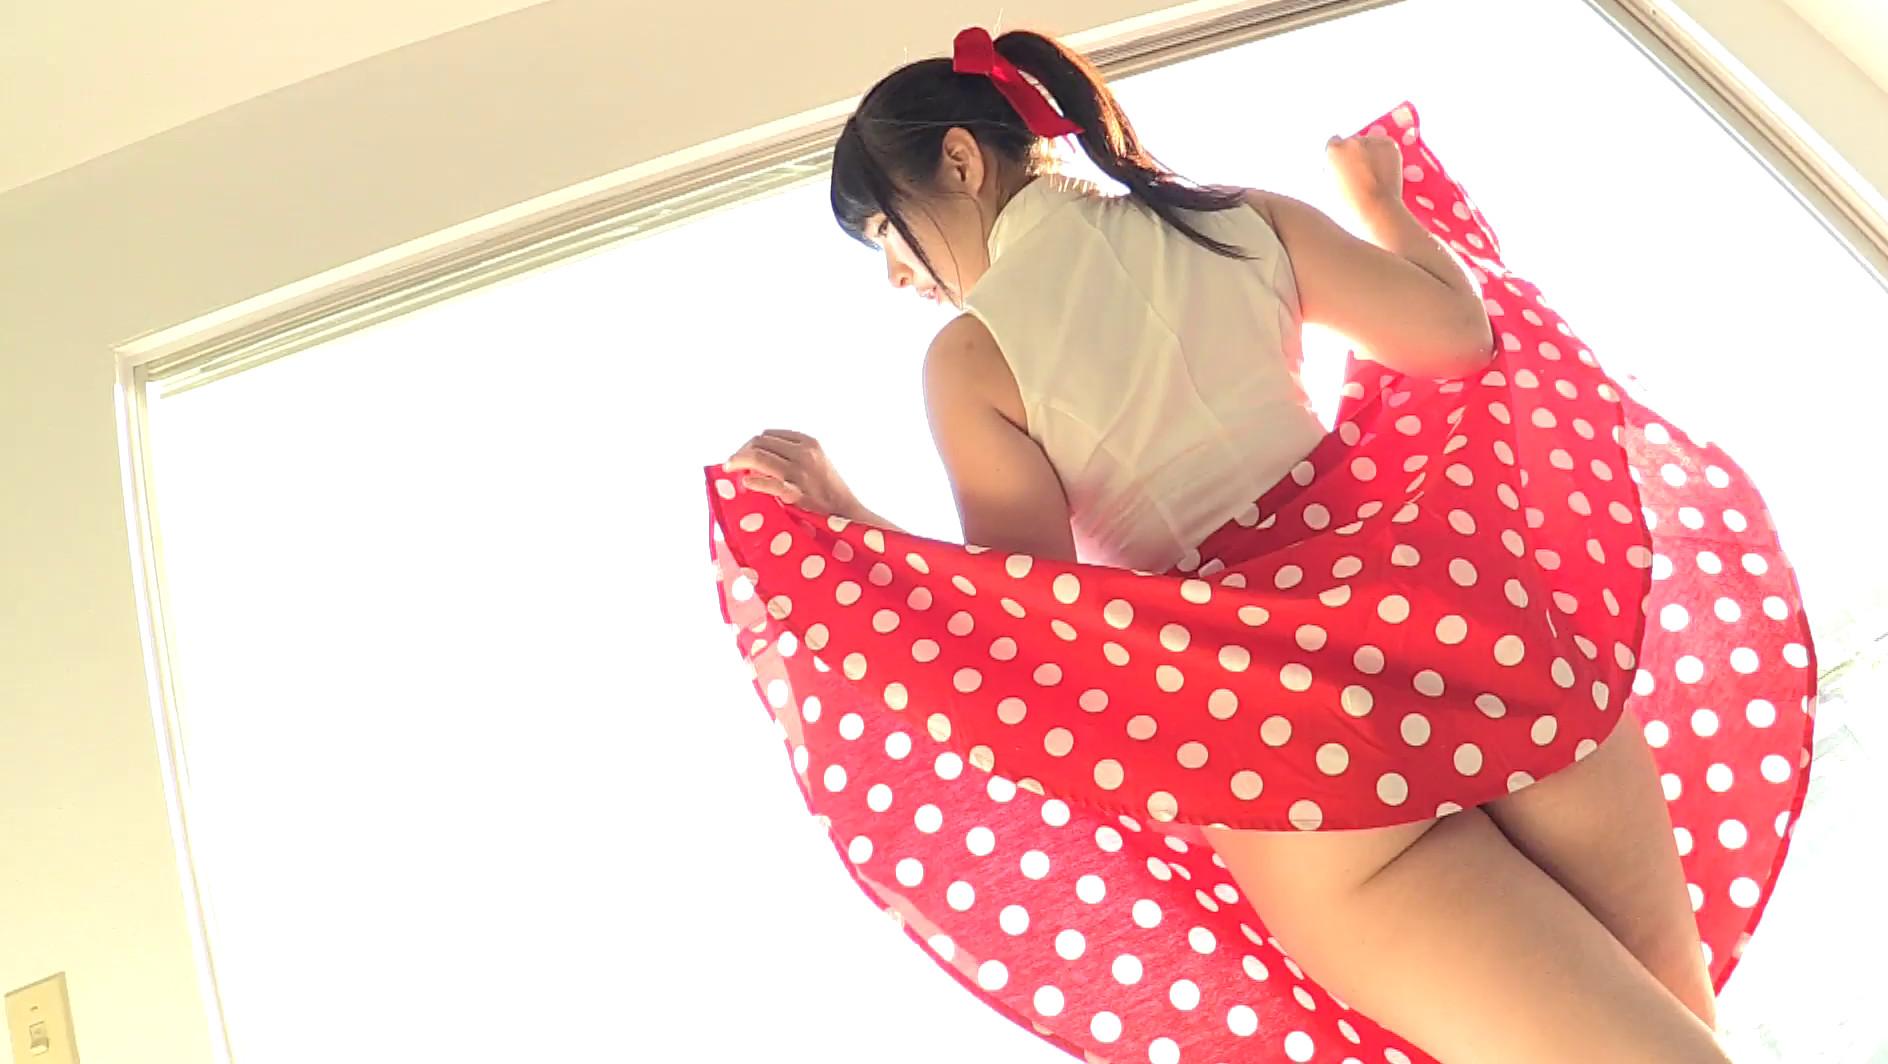 インパクトJ 桐山瑠衣17